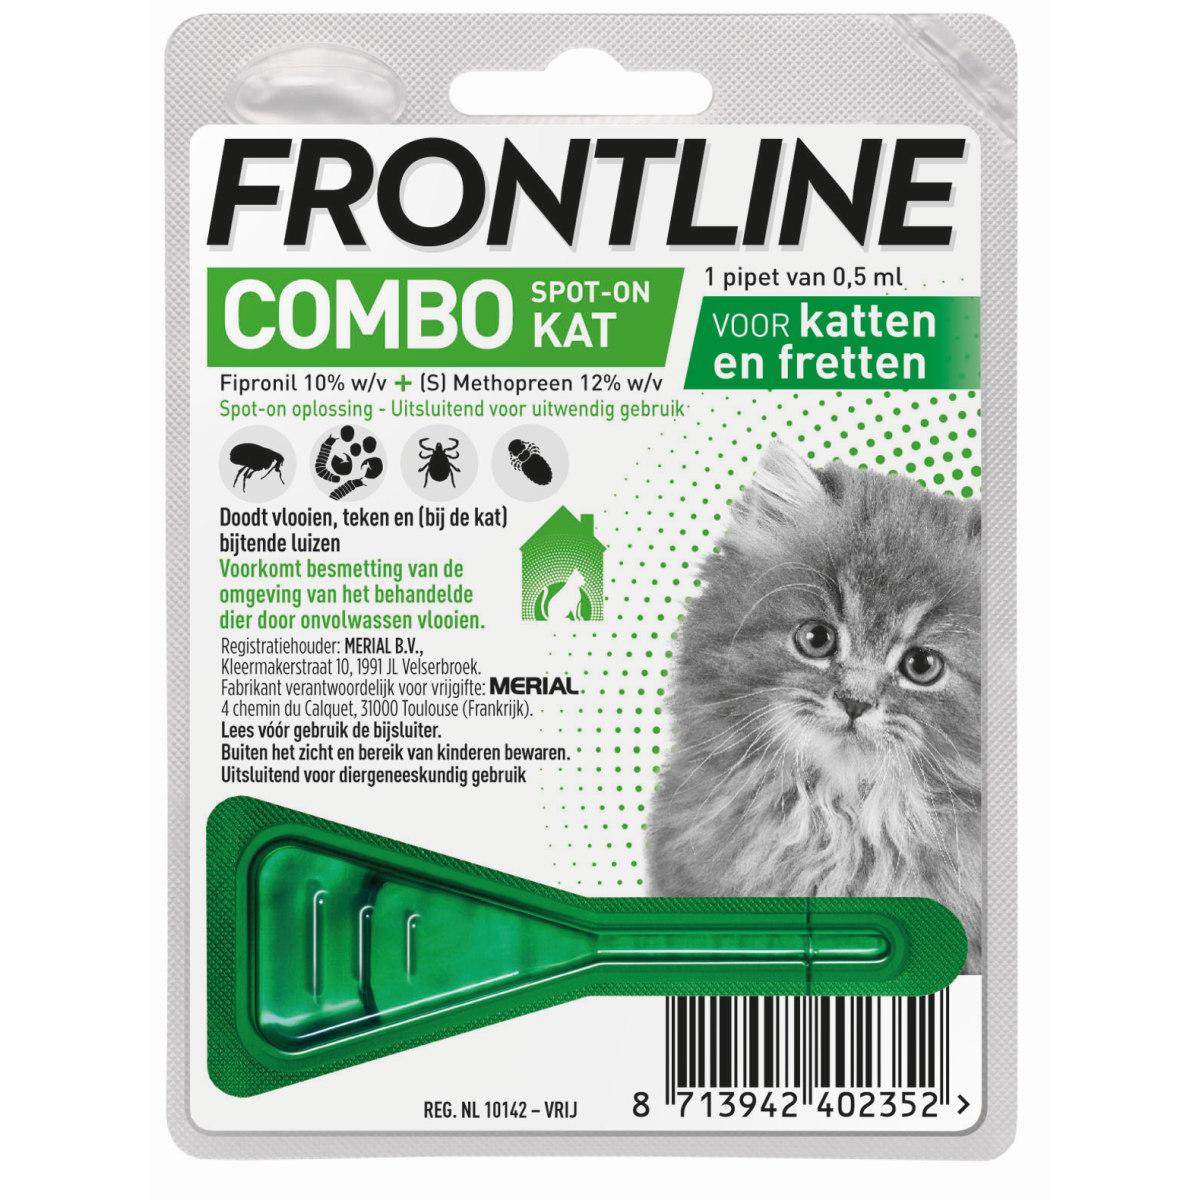 Combo voor katten en kittens groen 1 pipet